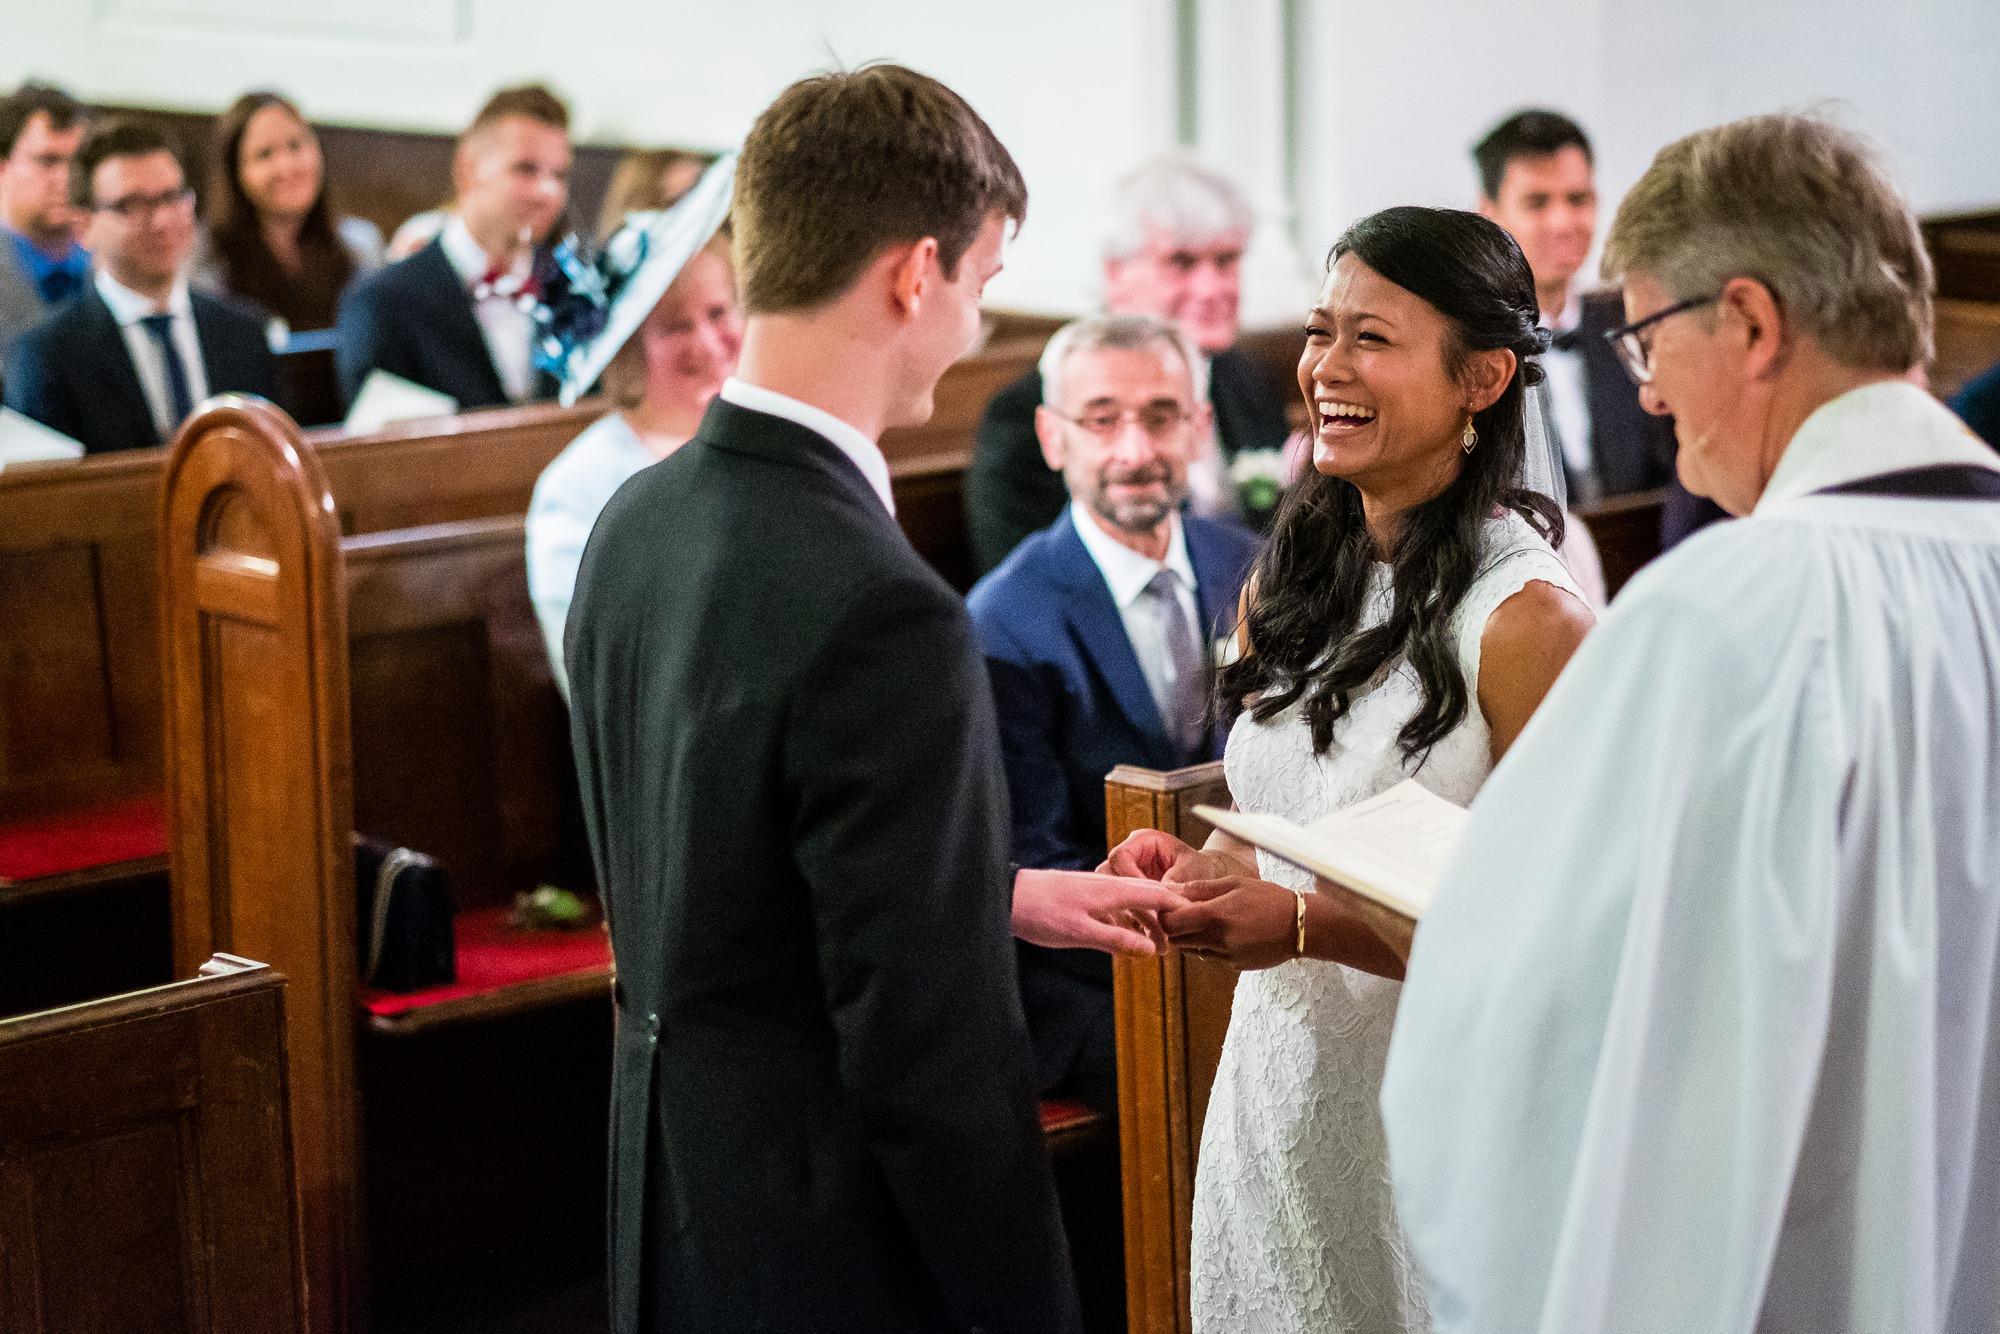 groom exchanging rings